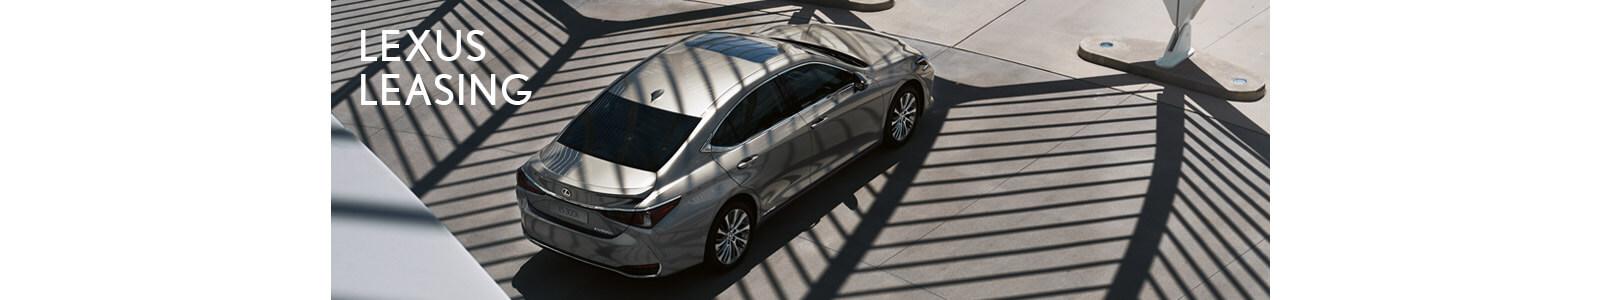 Lexus Leasing Image